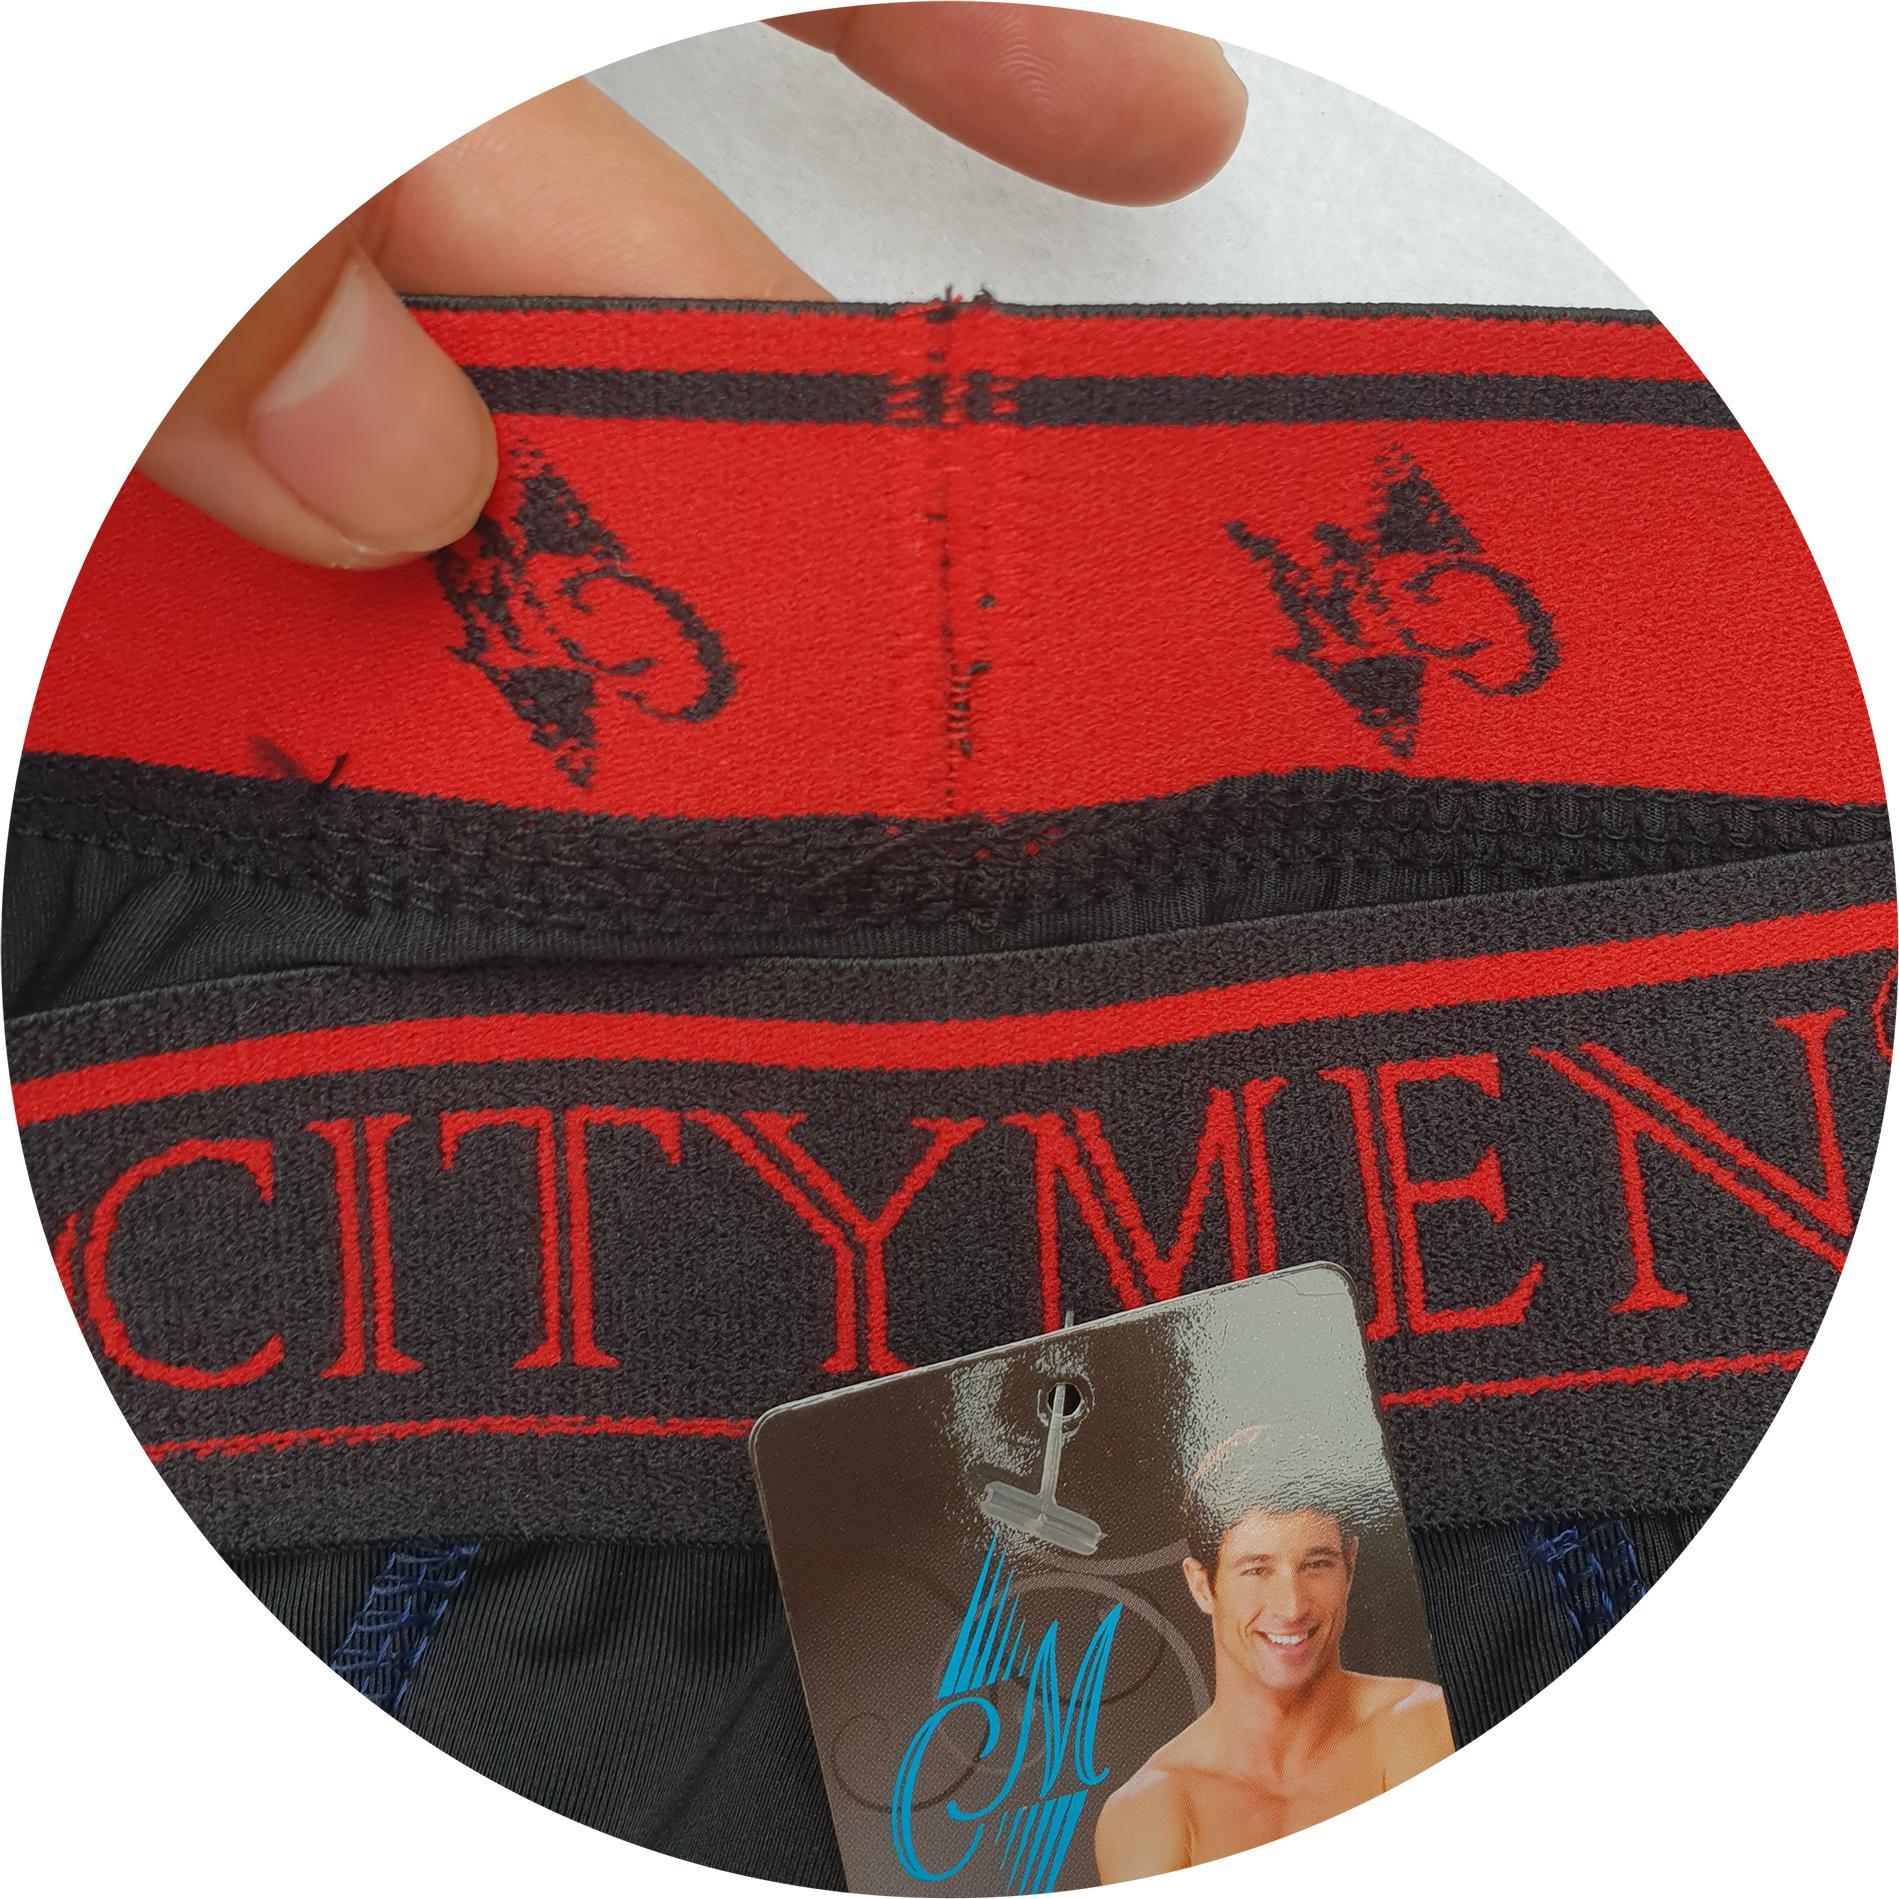 Hộp Quần lót nam cao cấp CITYMEN vải thun lạnh có màu XANH ĐEN, ĐEN, XÁM NHẠT, XÁM ĐẬM - (Giao Màu ngẫu nhiên)